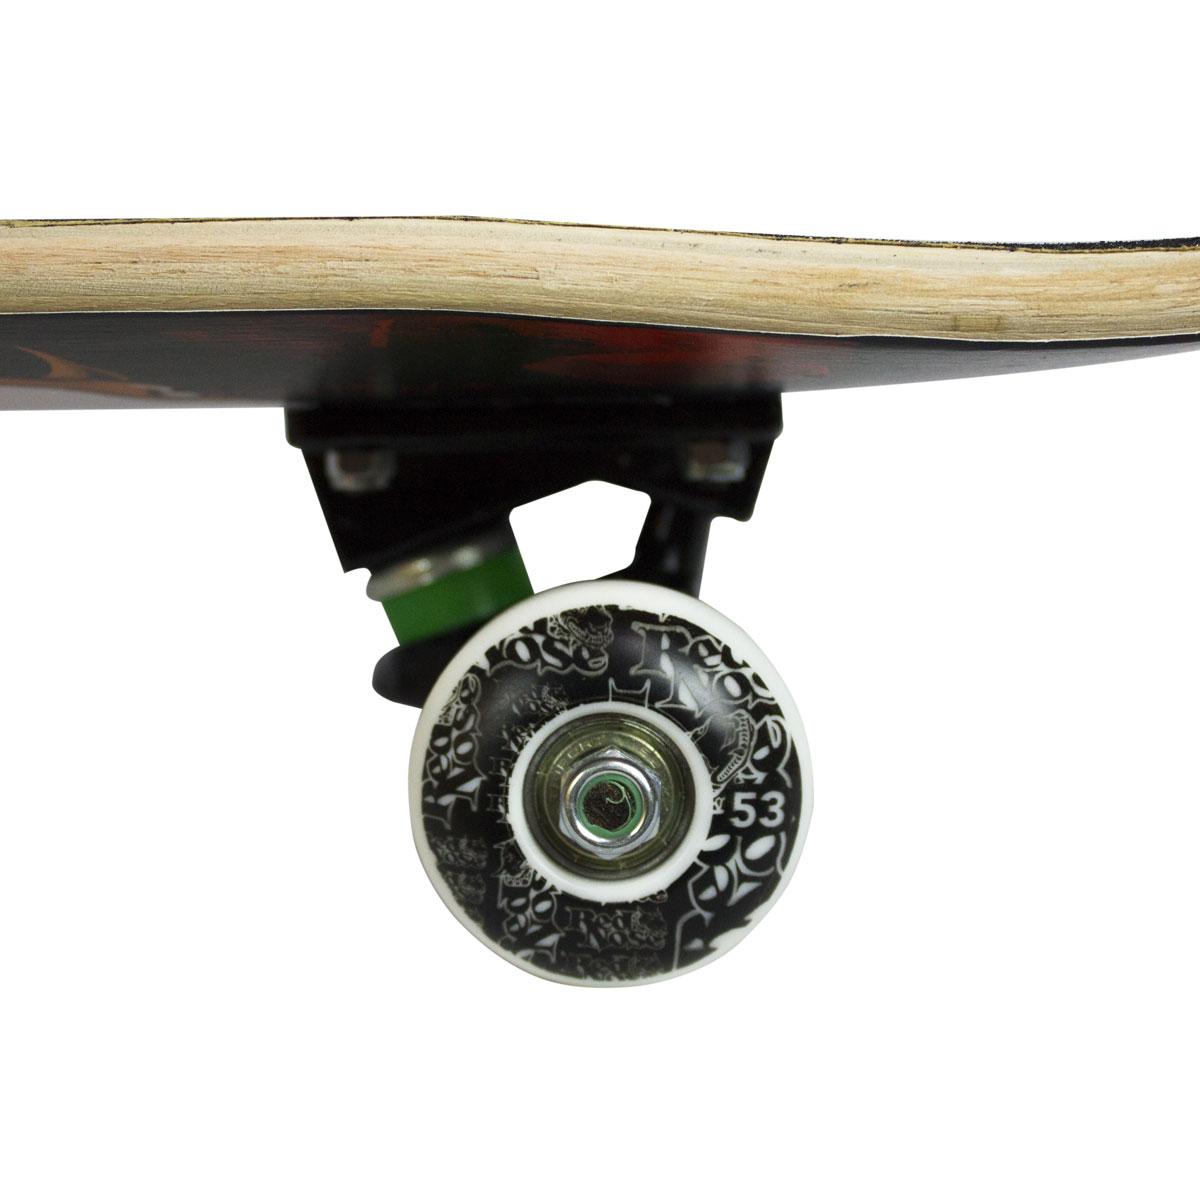 Skate Completo Iniciante Montado Street